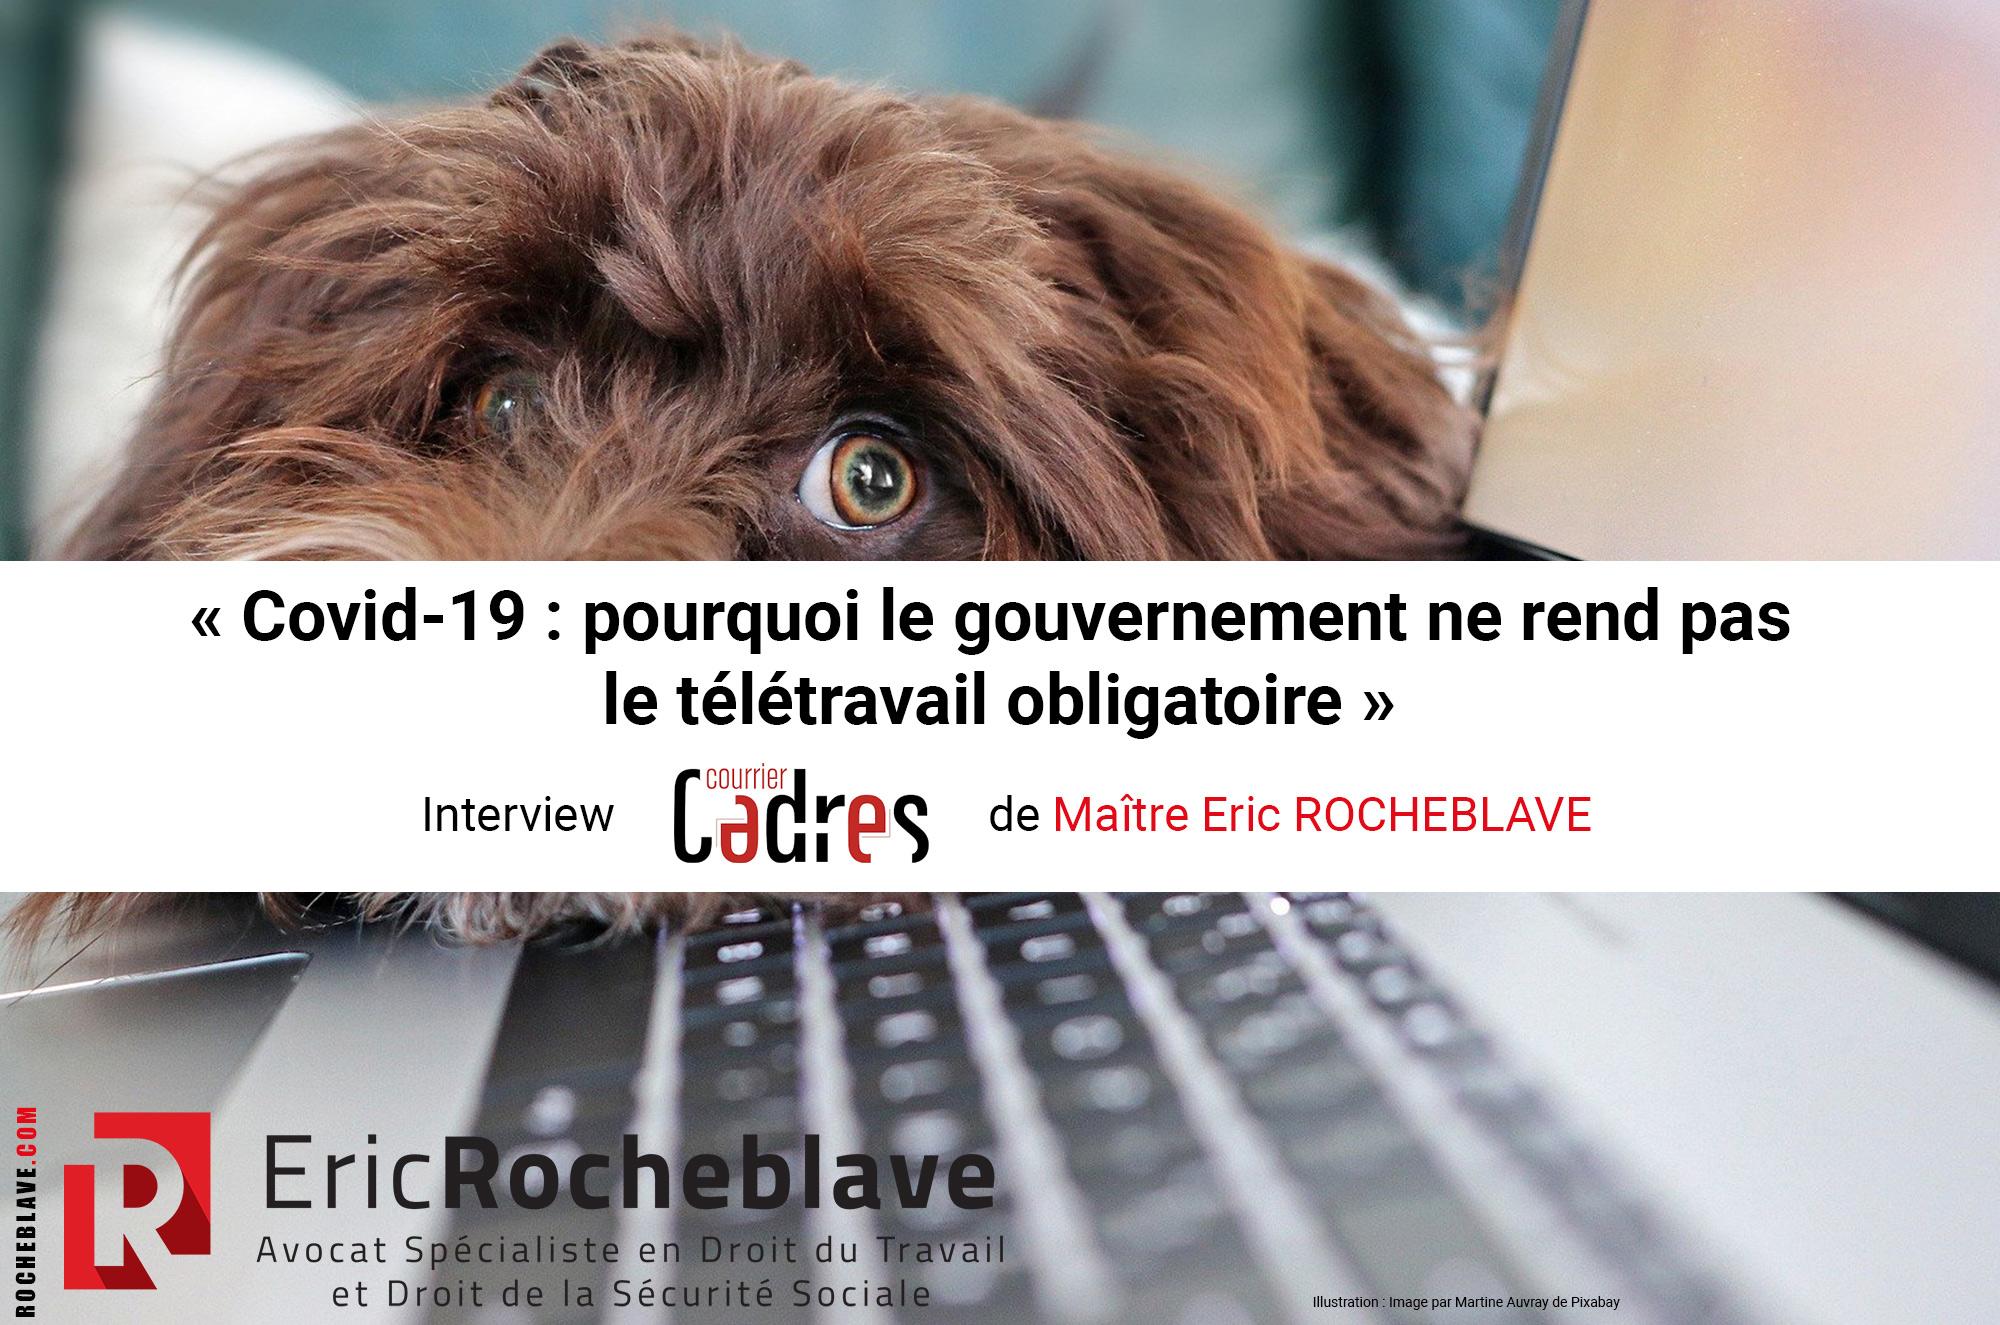 « Covid-19 : pourquoi le gouvernement ne rend pas le télétravail obligatoire » Interview Courrier Cadres de Maître Eric ROCHEBLAVE